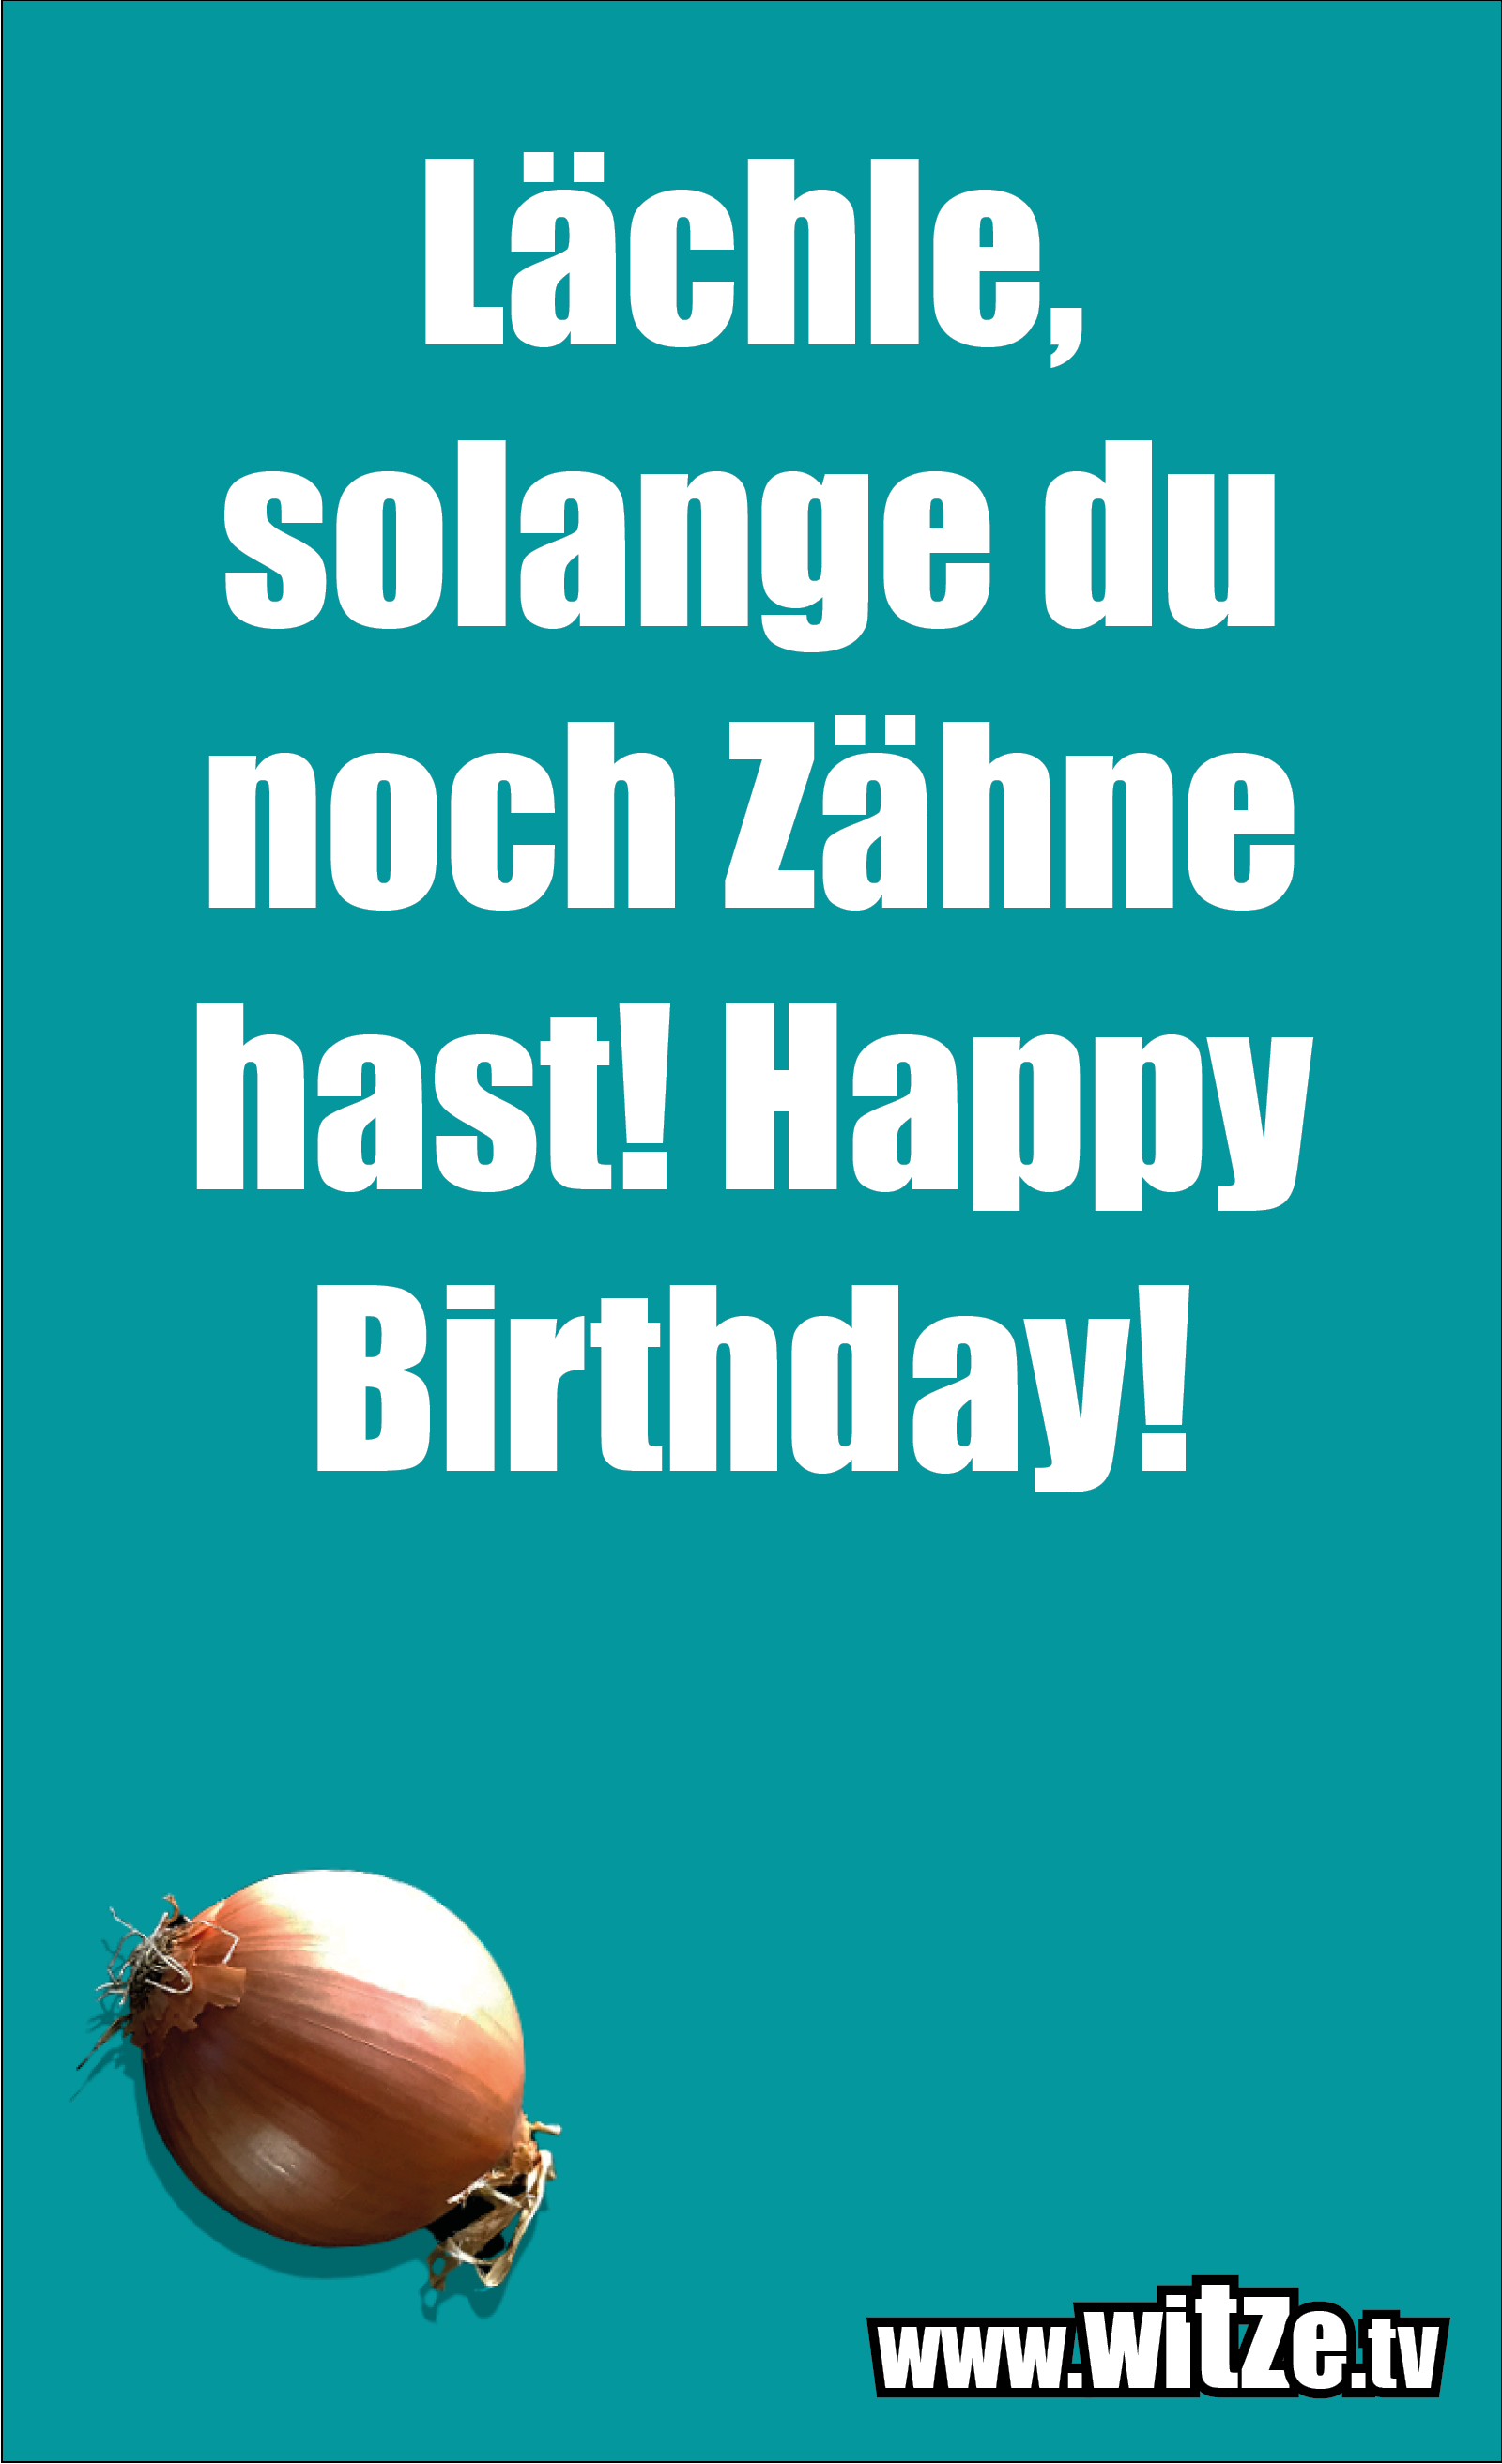 Lustige Geburtstagswünsche: Lächle, solange du noch Zählne hast! Happy Birthday!